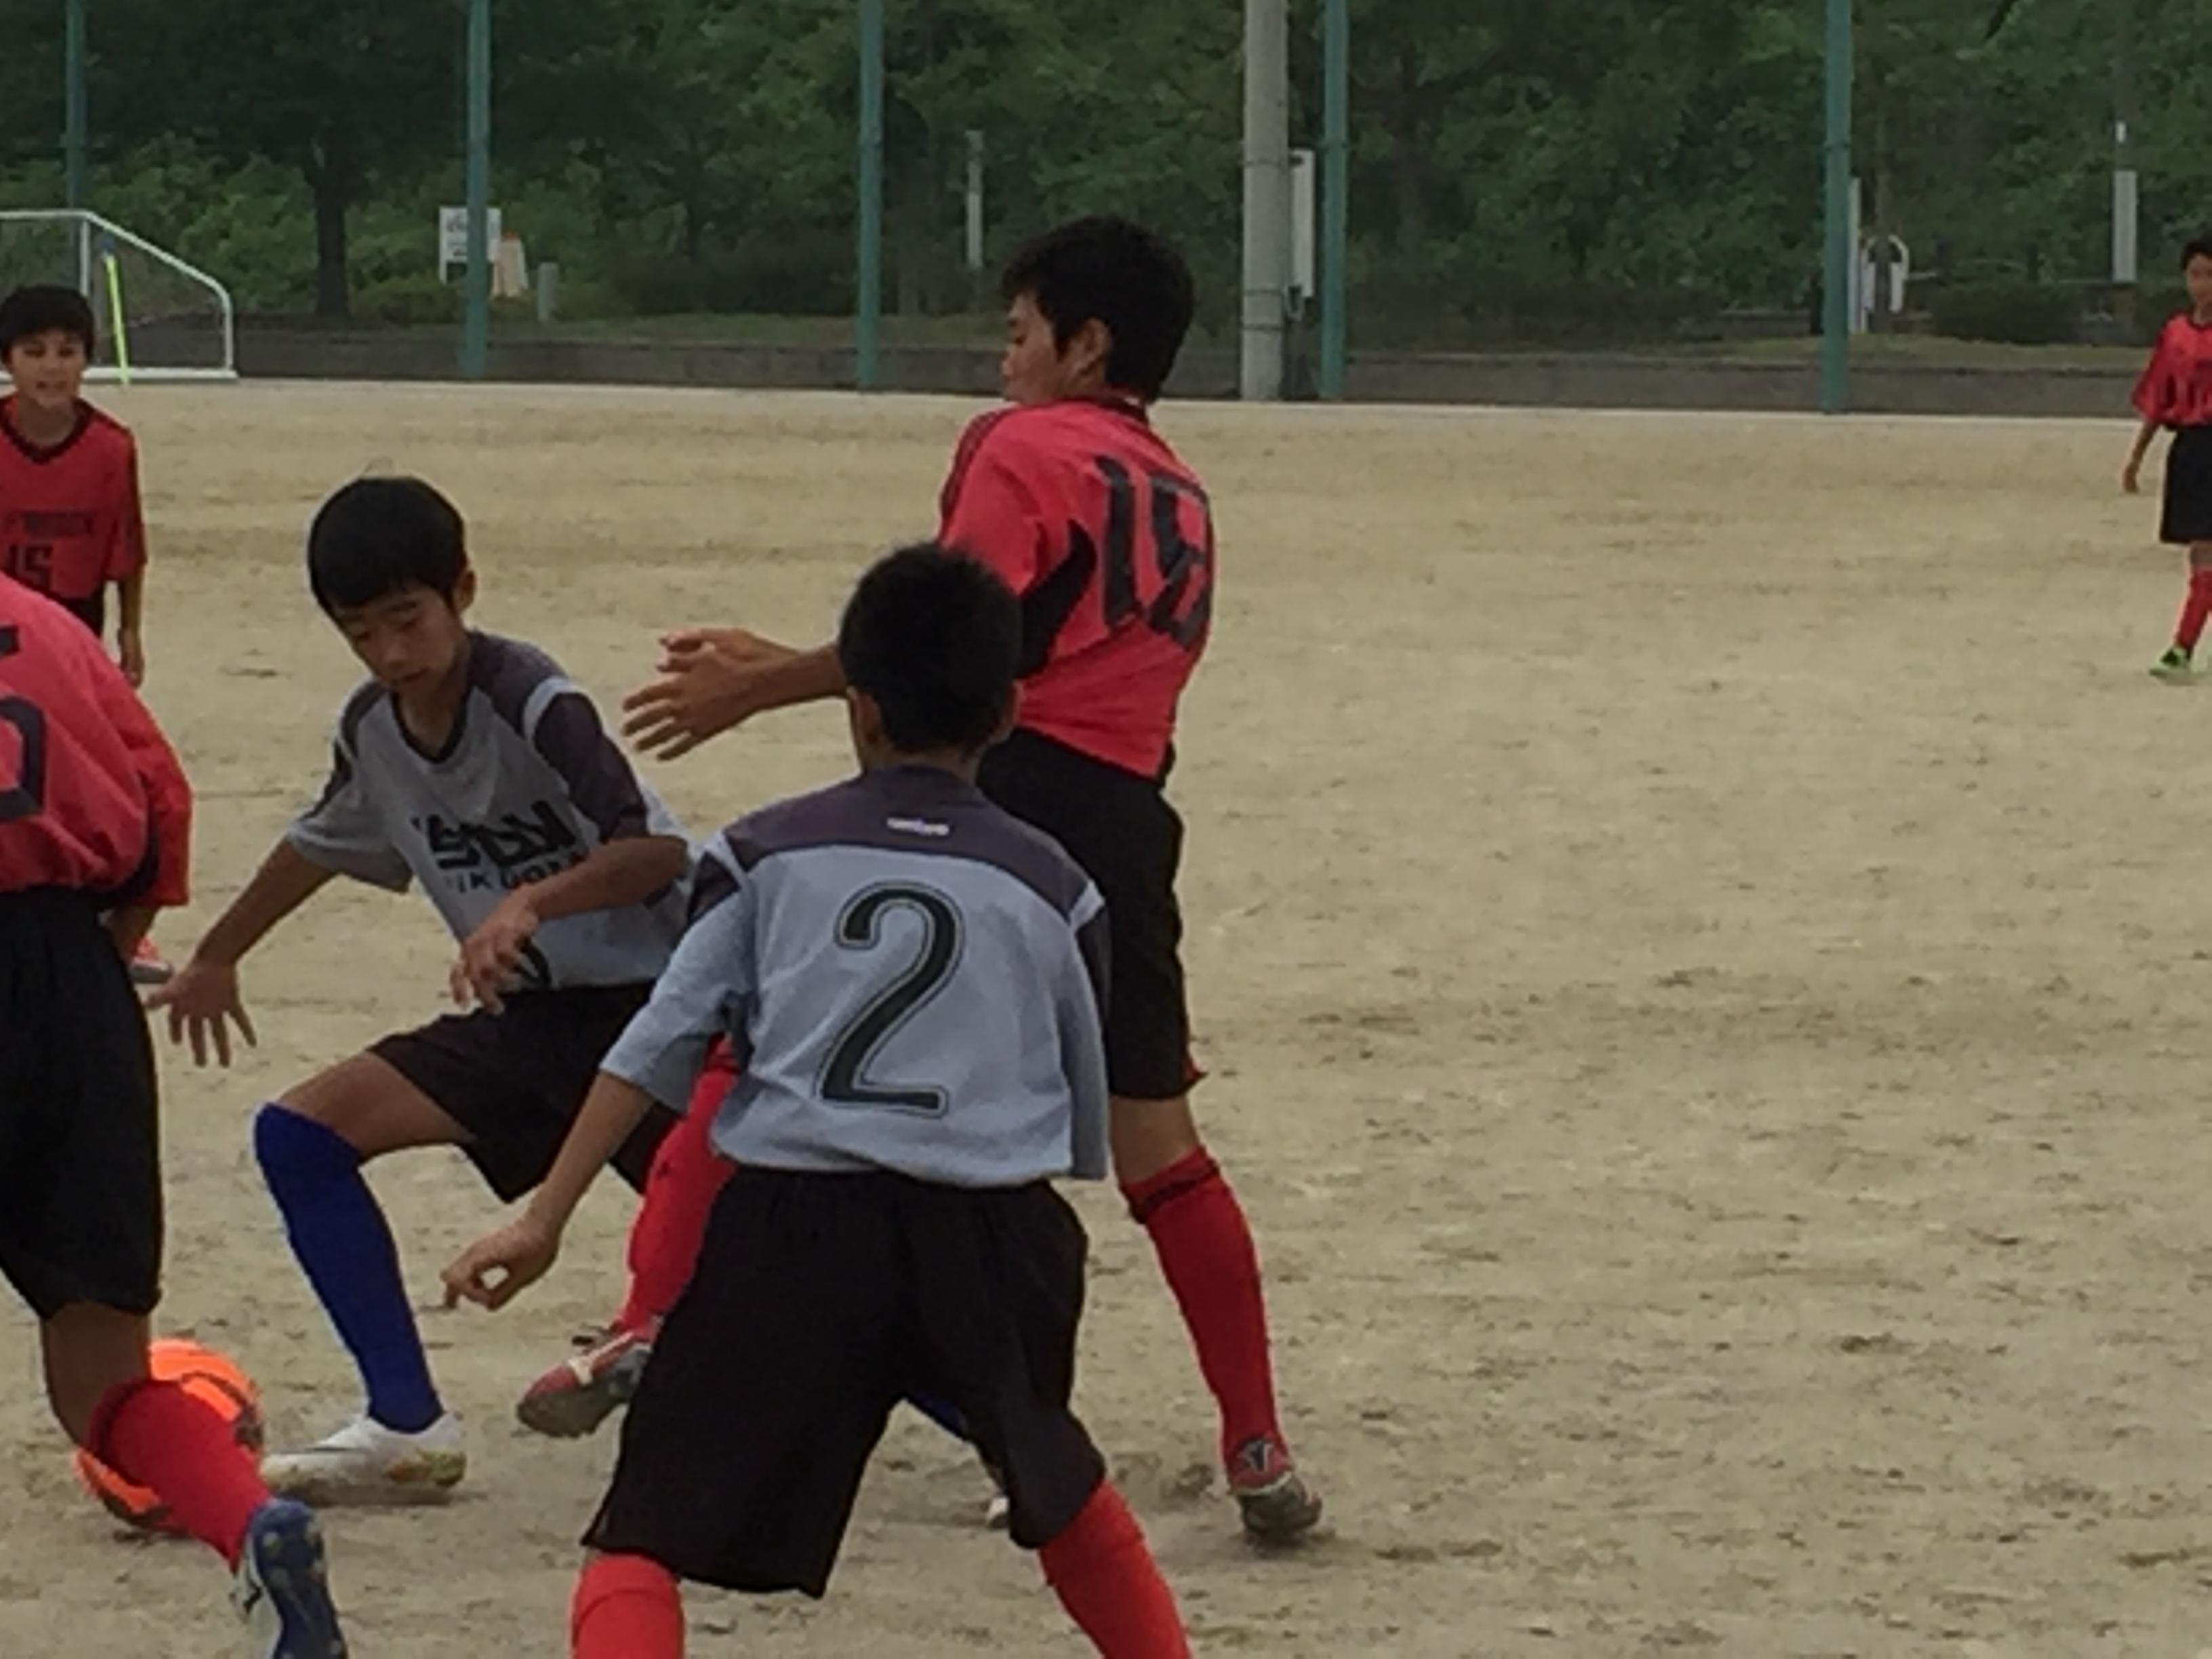 U-15 TRM vs PFTC 県リーグ2部所属 北九州フットボールセンター クラブユース結果速報